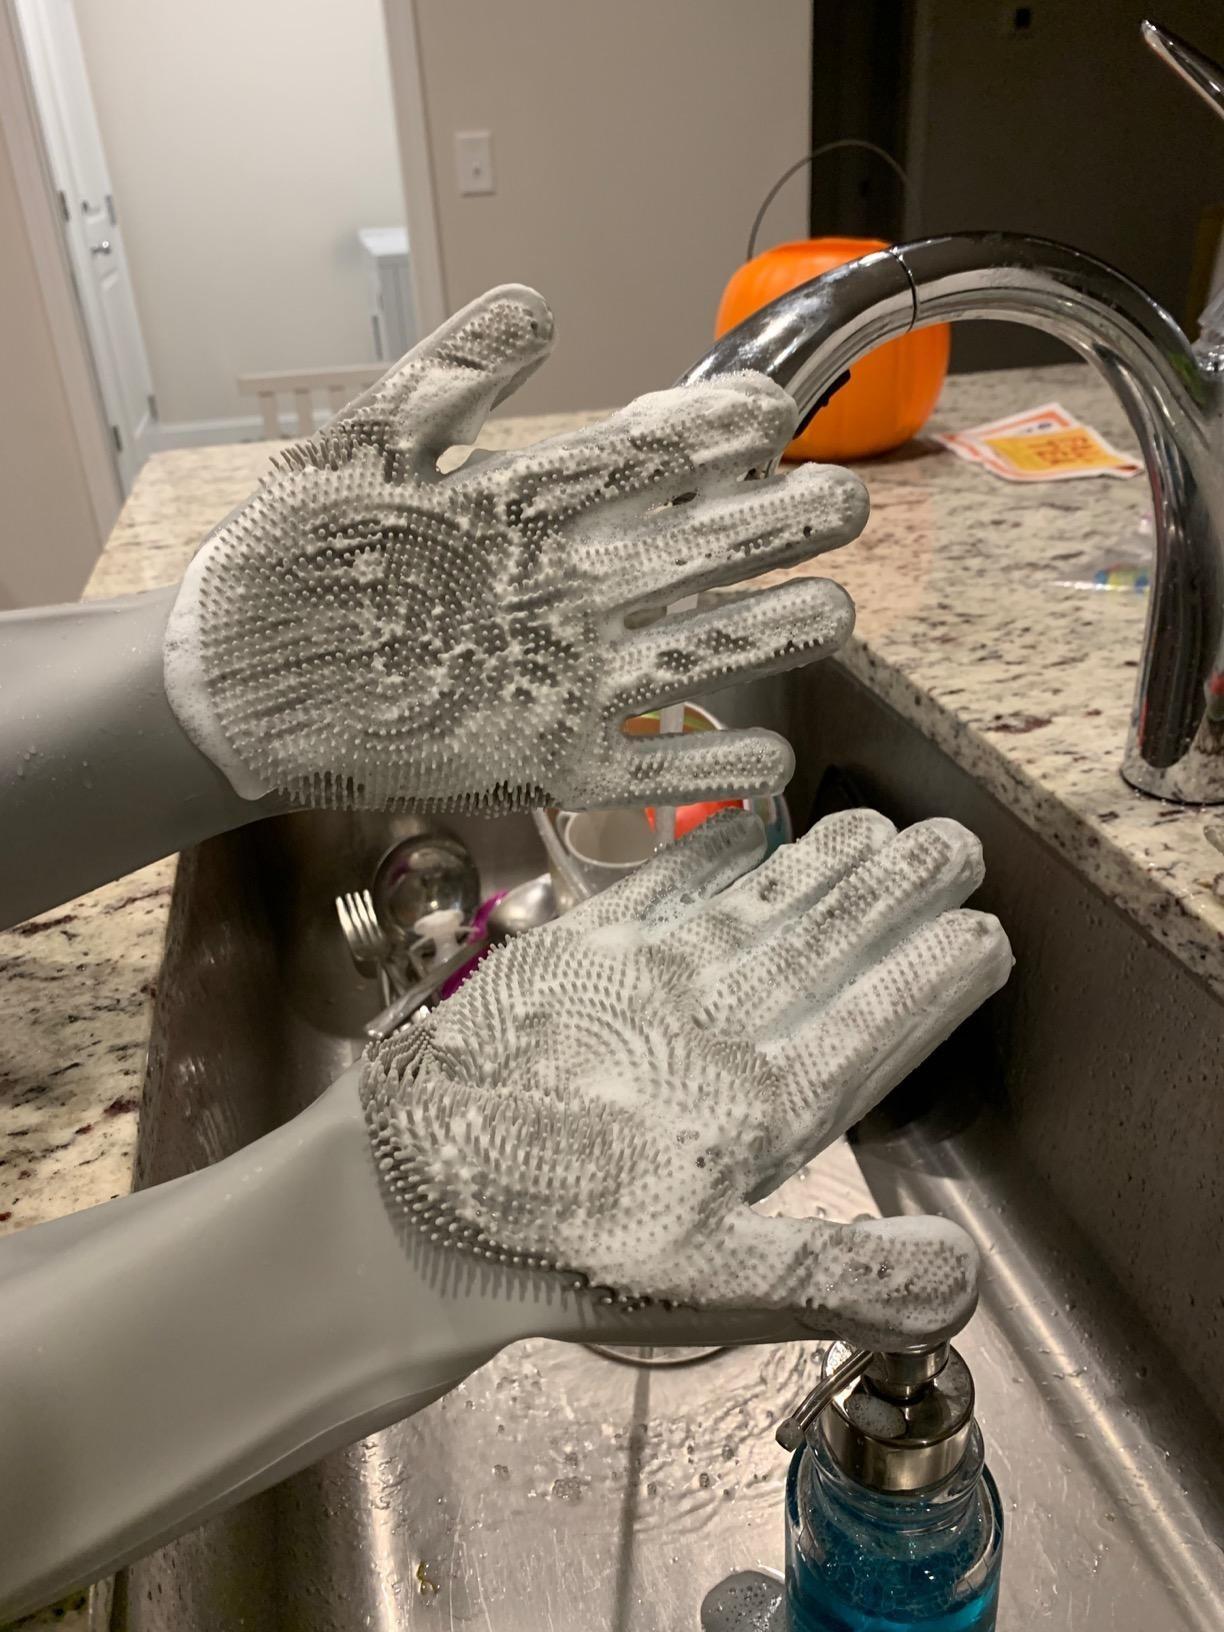 Reviewer wearing dishwashing gloves